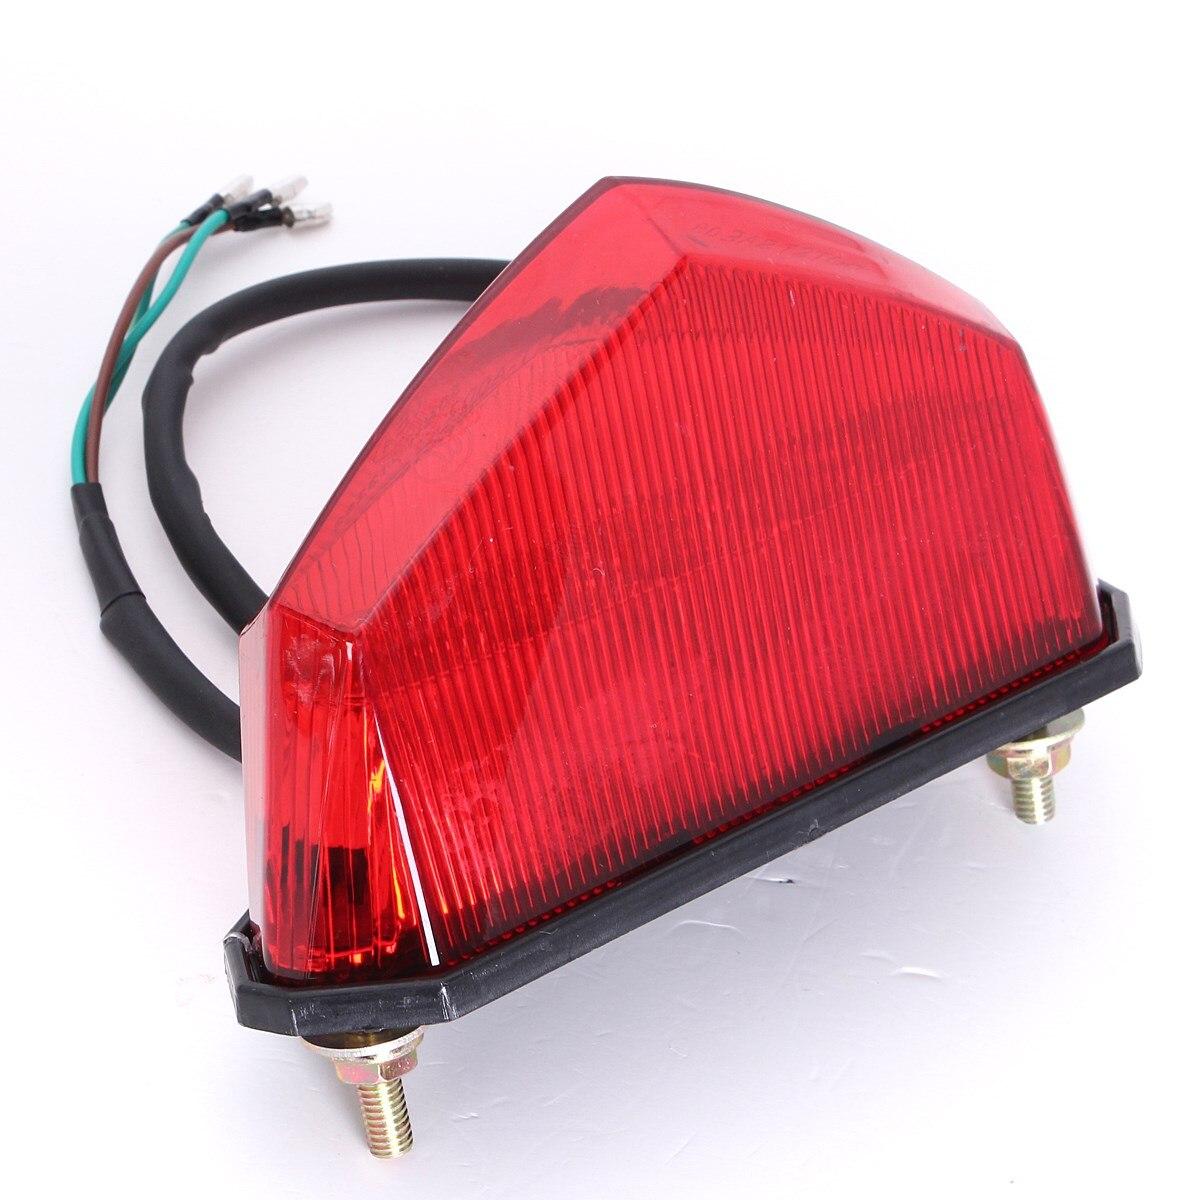 Prix pour 12 V 3 Câblage Universel 10 Led Rouge Moto Dirt Bike Plaque Lampe Arrière Queue De Frein Lumière